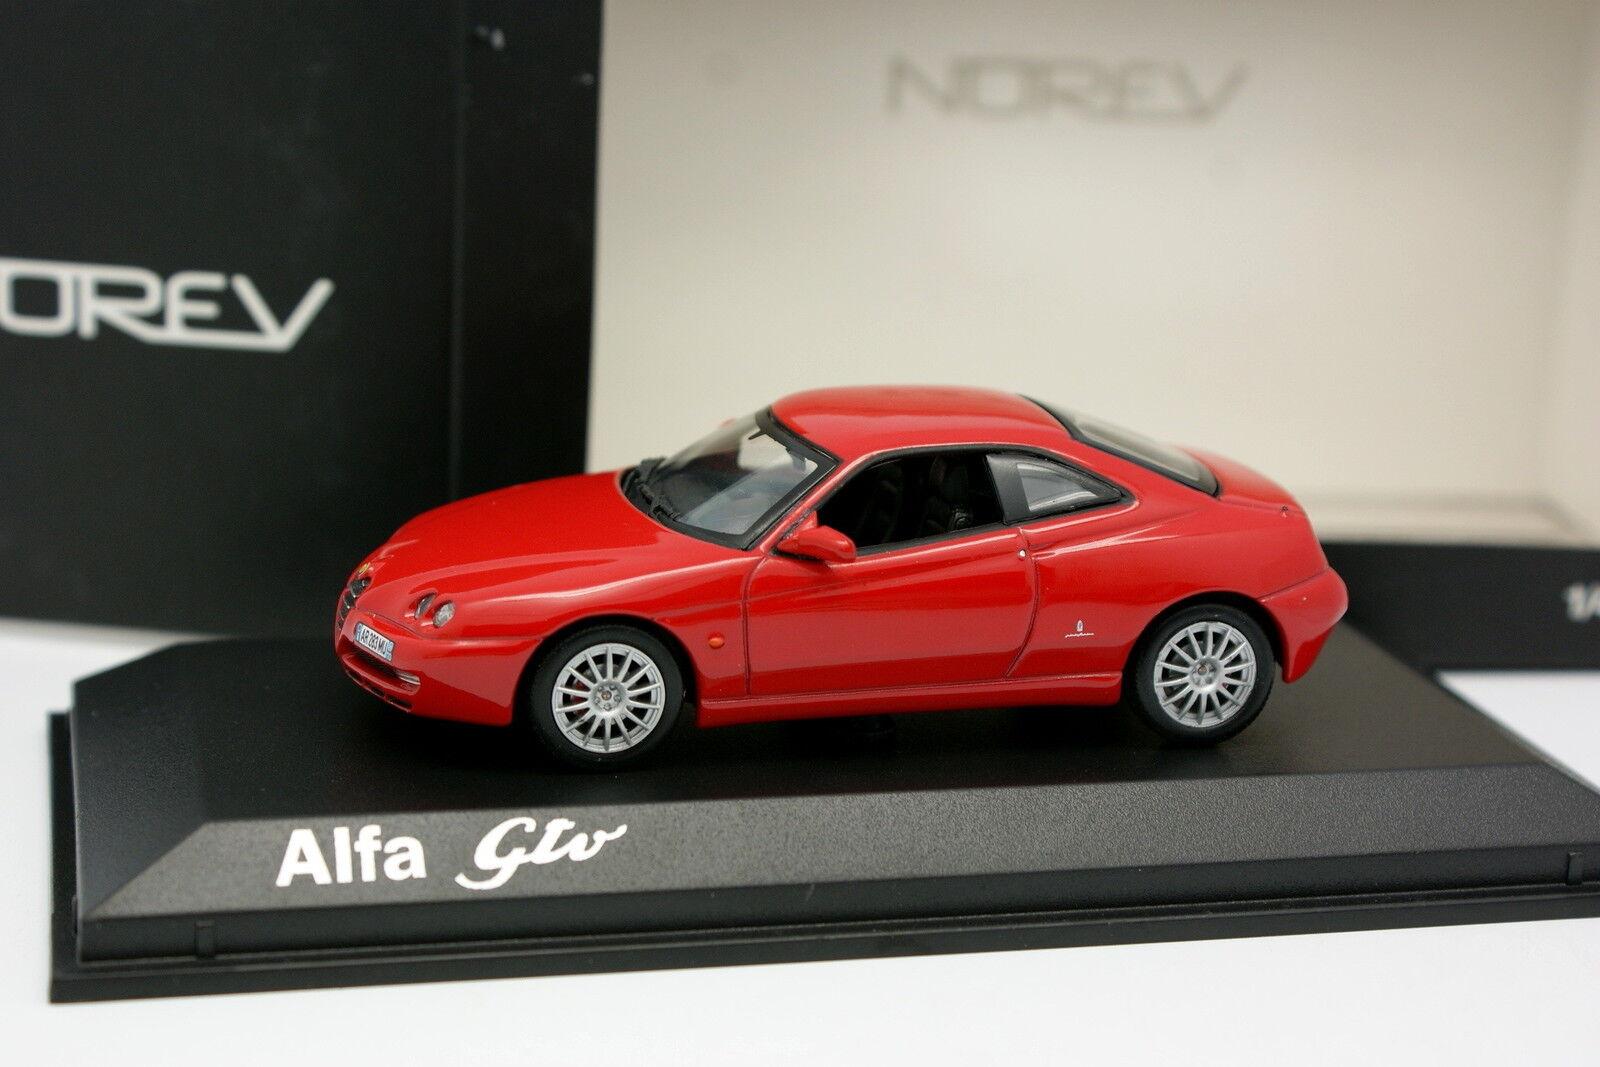 Norev 1 43 - Alfa Romeo Gtv 2003 red